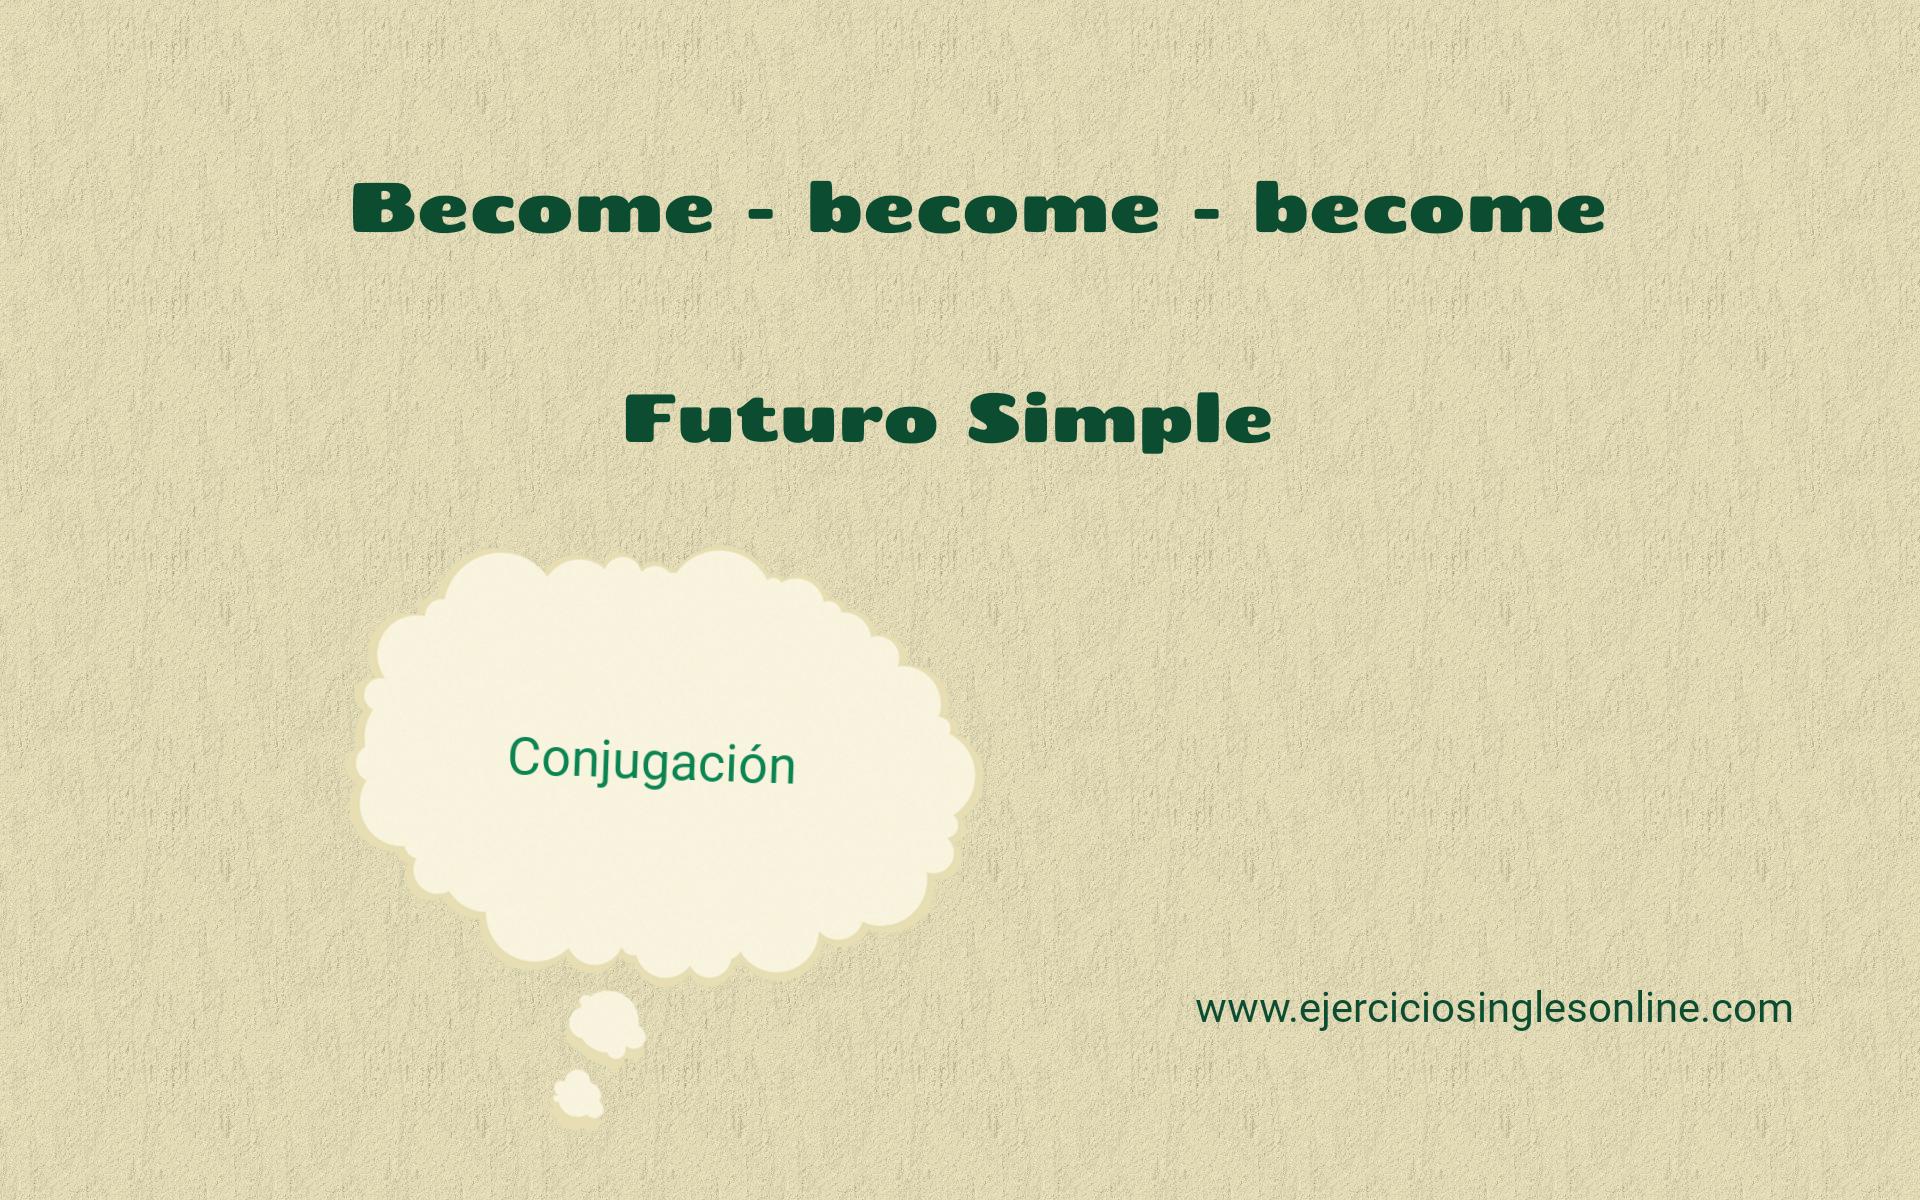 Become - Futuro simple - Conjugación